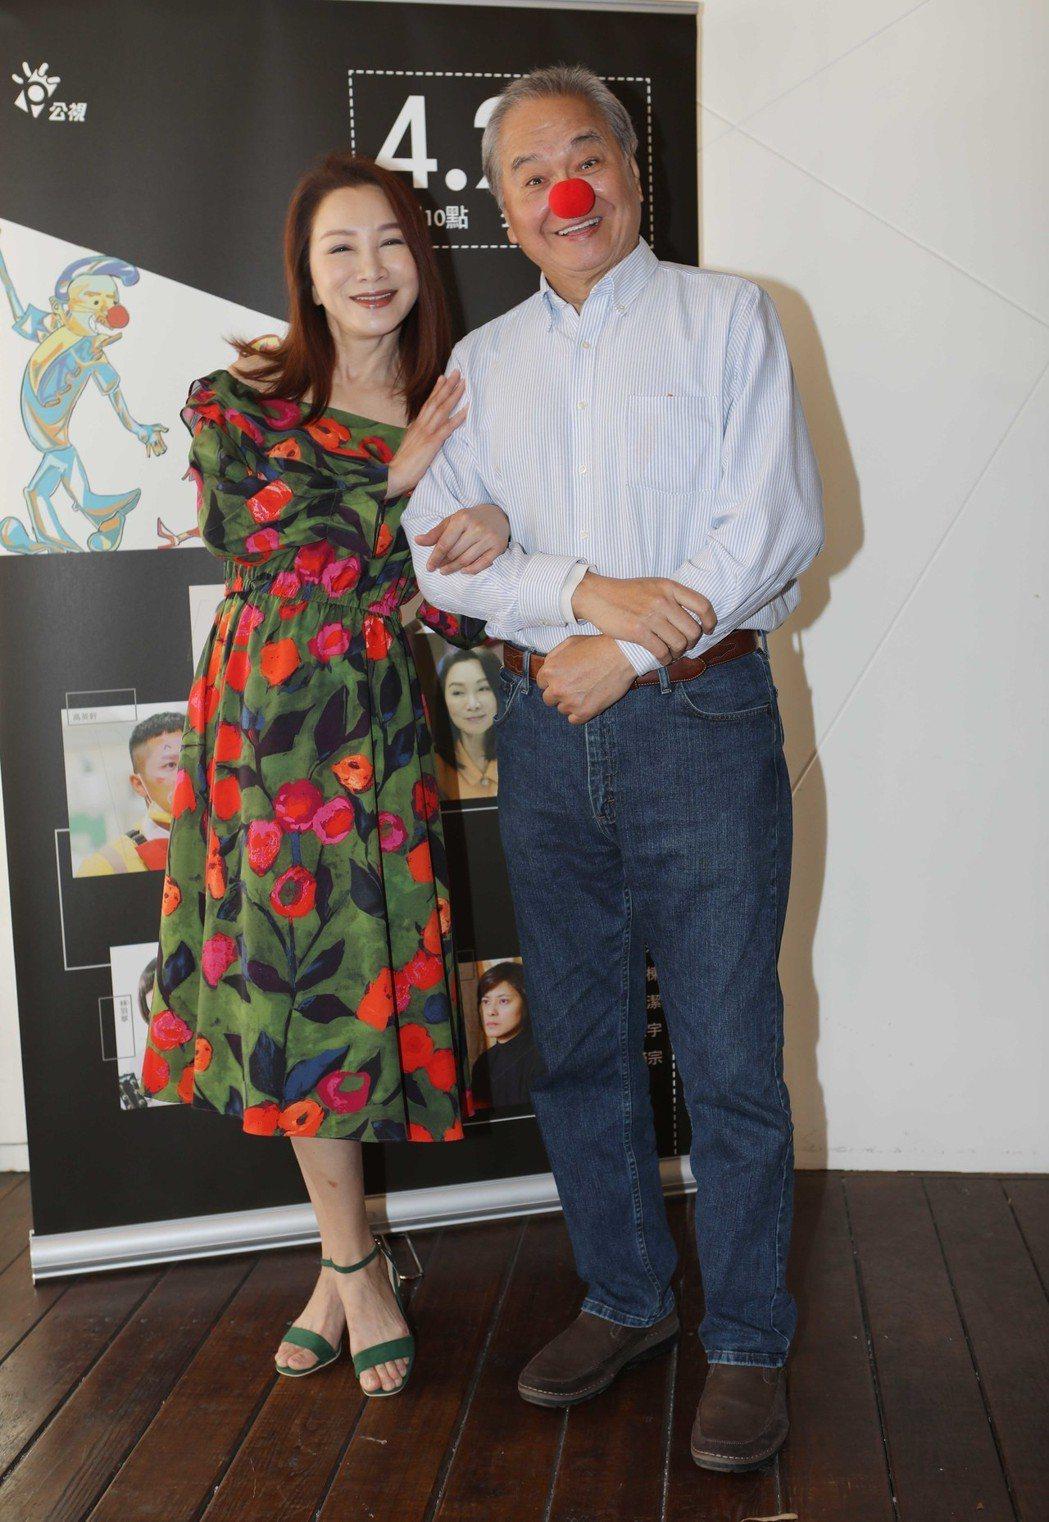 陶傳正(右)、張瓊姿劇中飾演抗癌夫妻檔。圖/公視提供